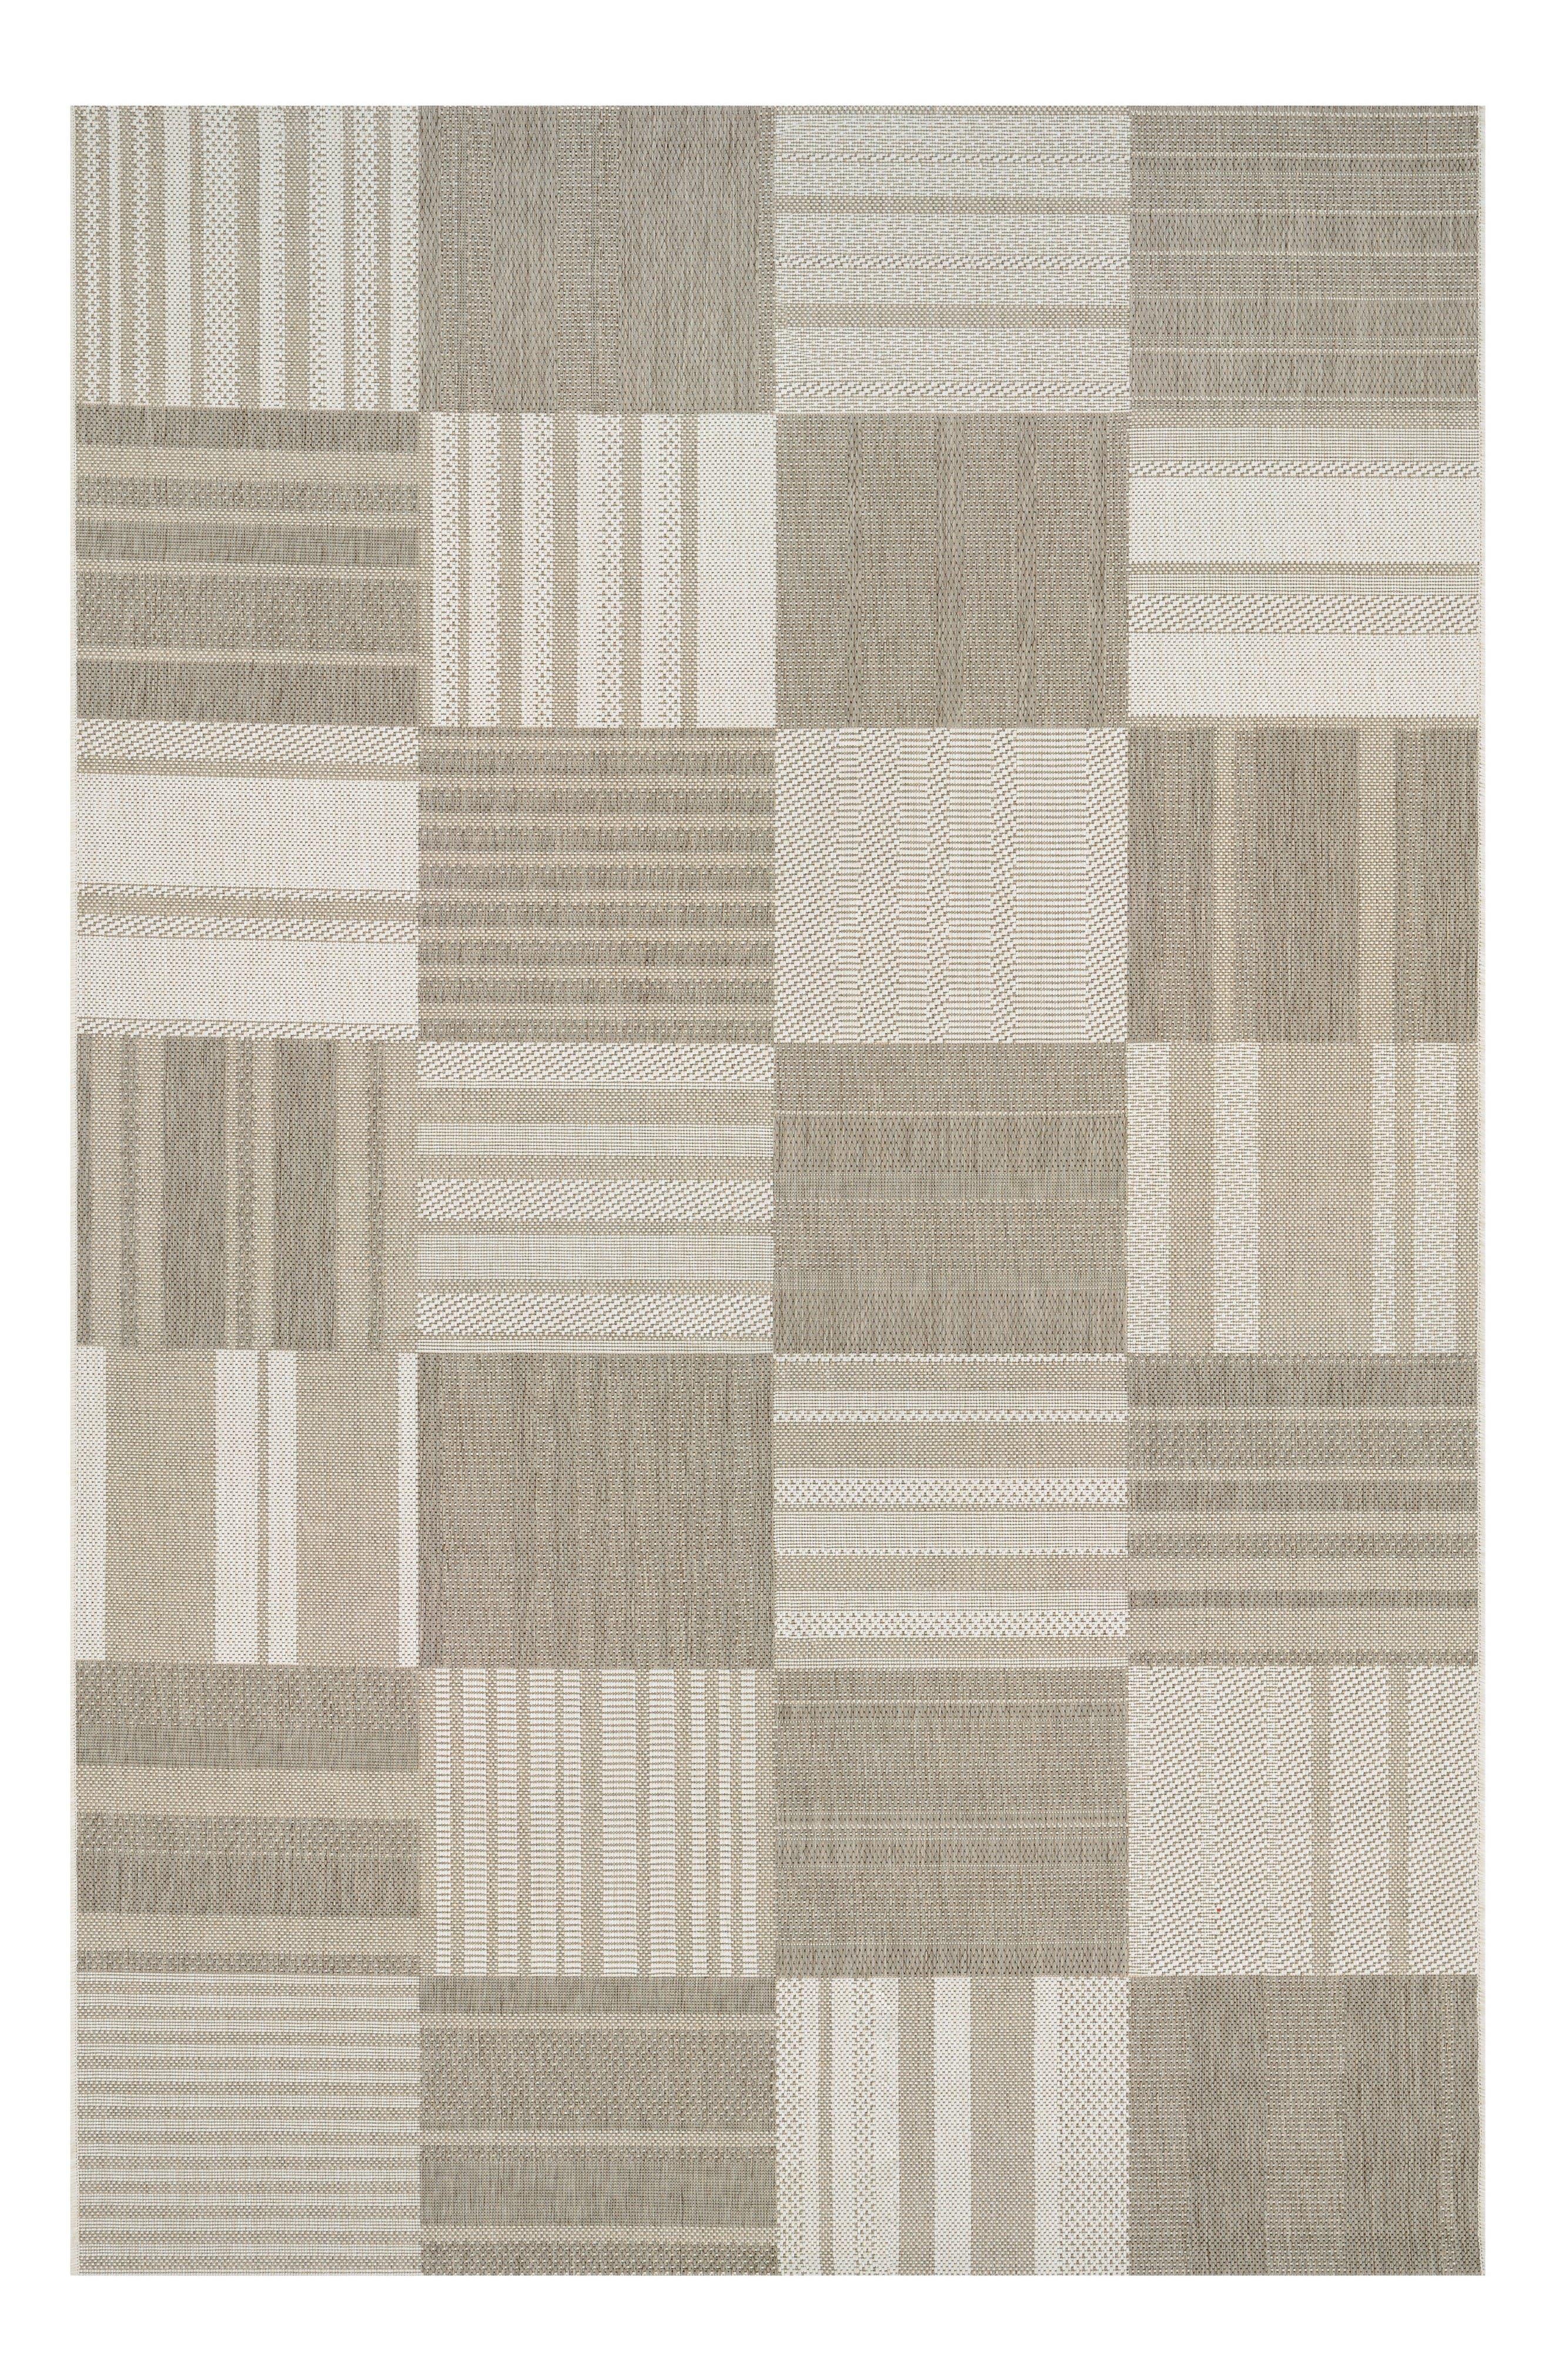 Patchwork Indoor/Outdoor Rug,                         Main,                         color, Beige/ Ivory